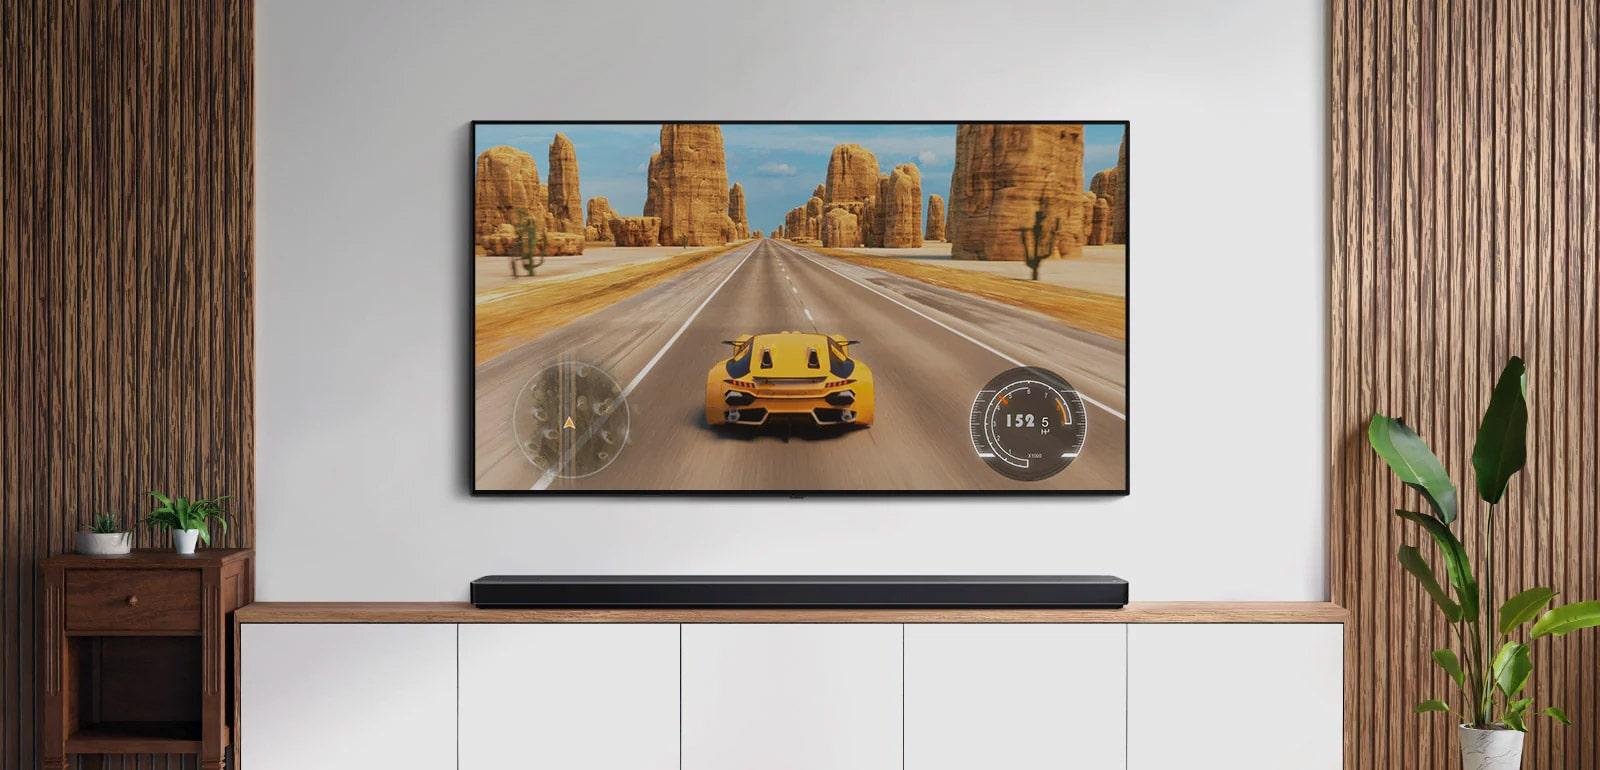 TV và loa soundbar trong phòng khách. Trò chơi đua xe trên màn hình TV. (phát video)